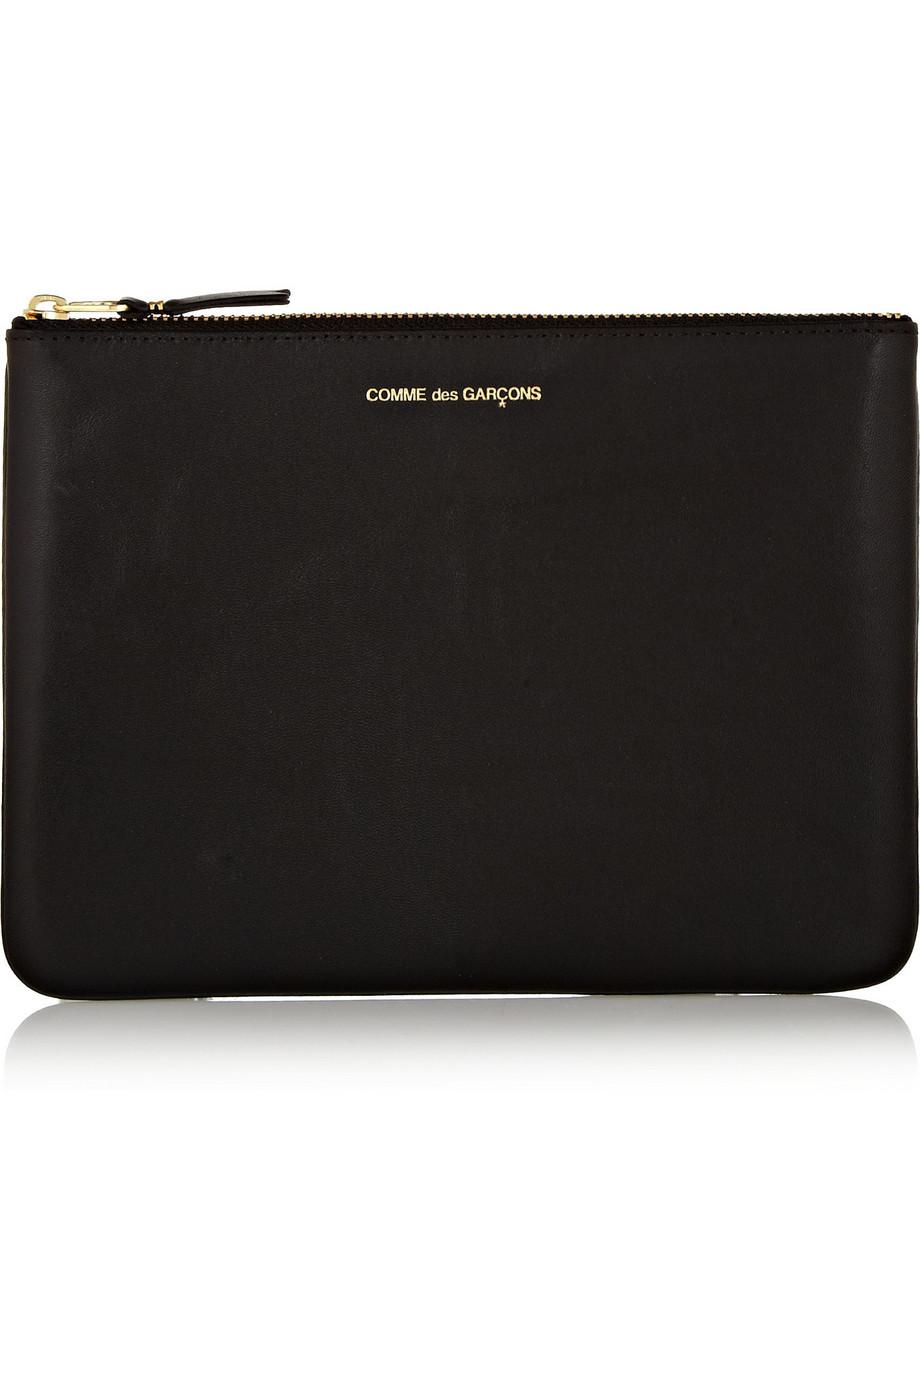 Leather Pouch, Comme Des Garçons, Black, Women's